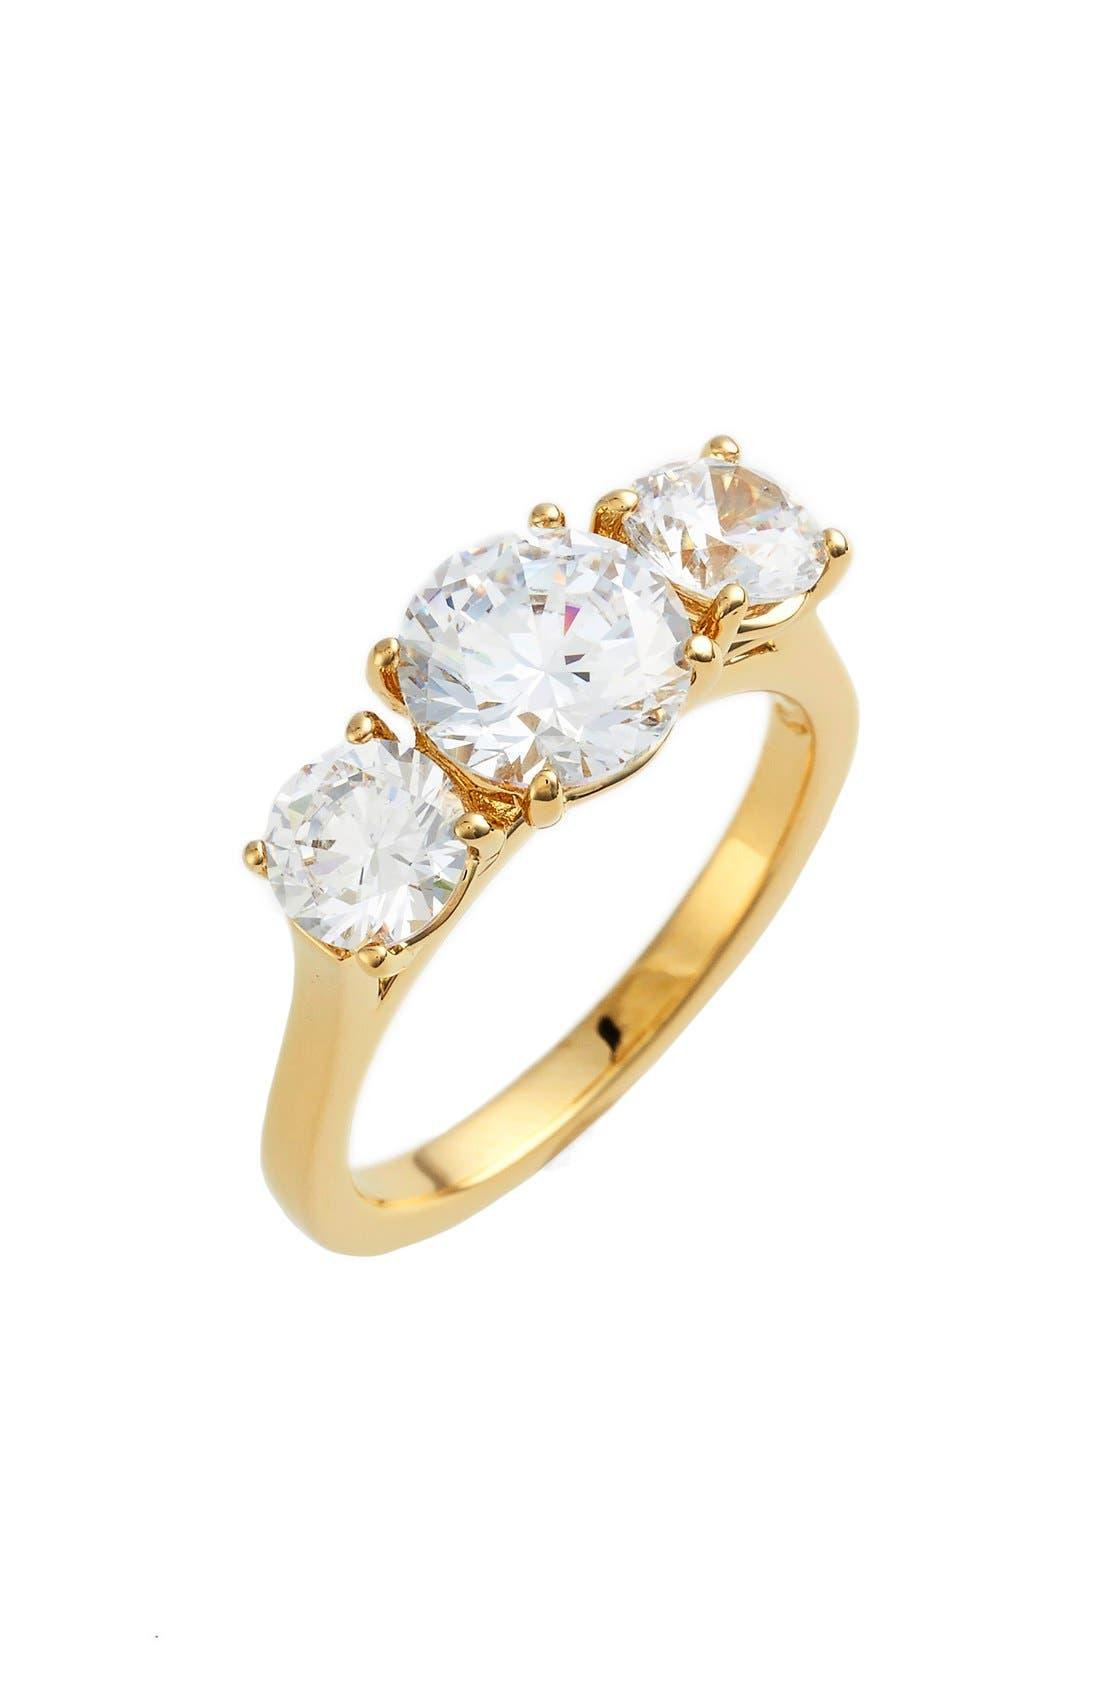 Nadri 3-Stone Cubic Zirconia Ring